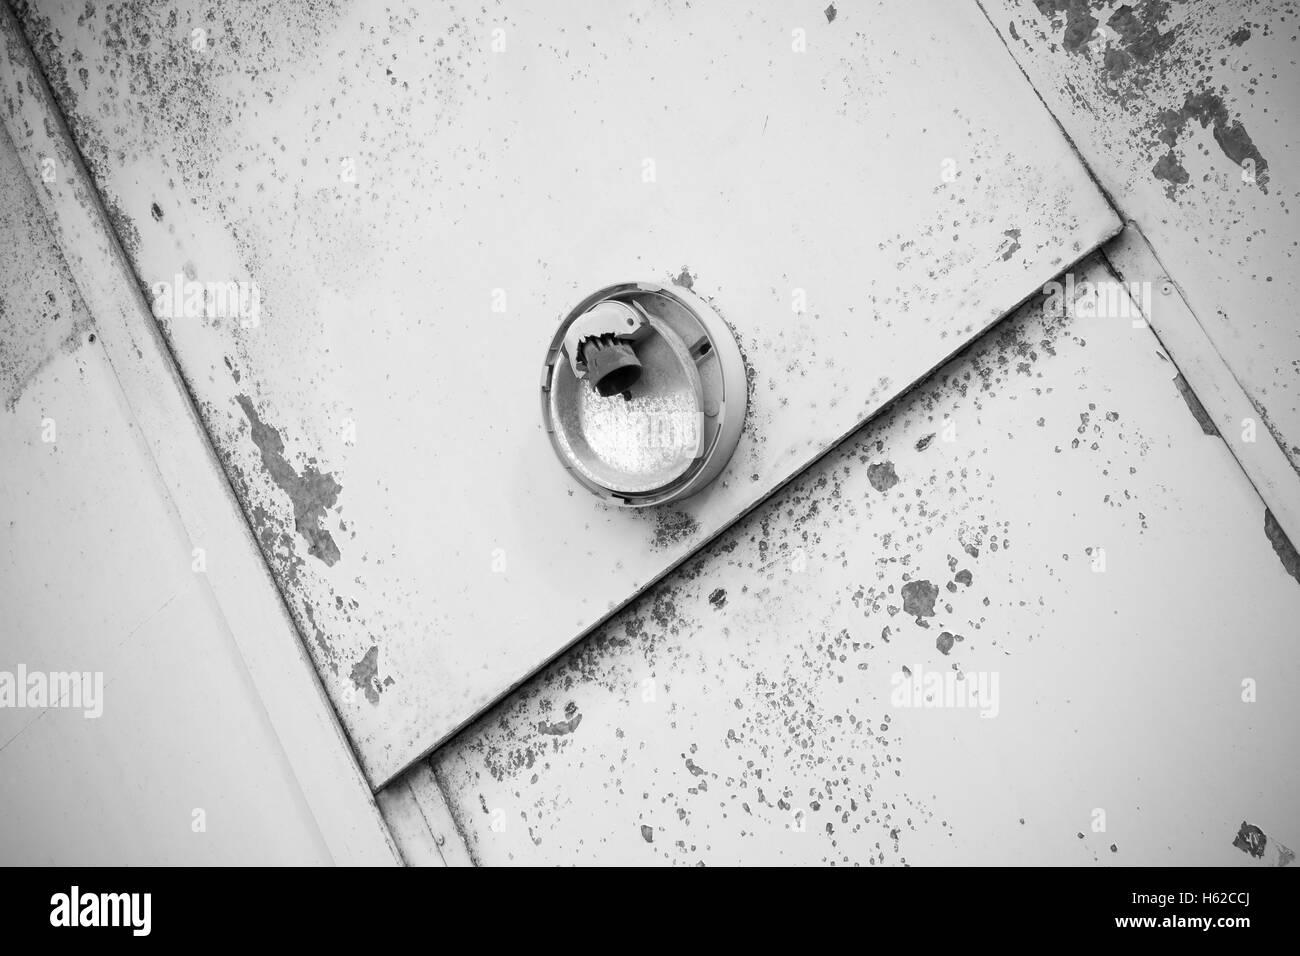 old metallic door with a broken light fixture - Stock Image